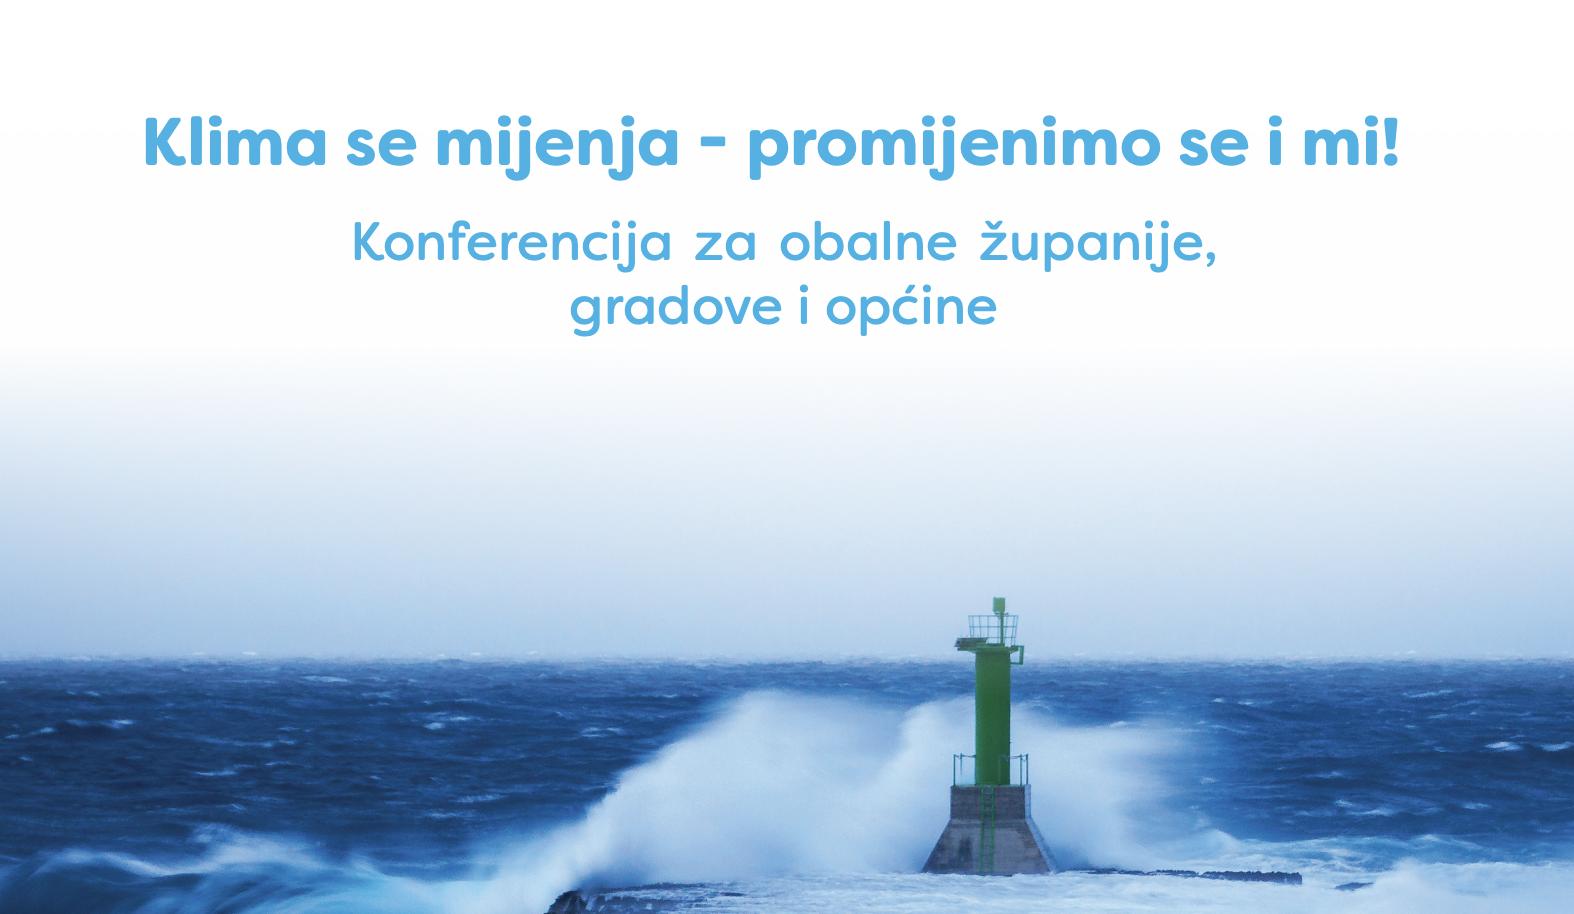 """""""Klima se mijenja – promijenimo se i mi!"""" – online konferencija za obalne dijelove Hrvatske"""